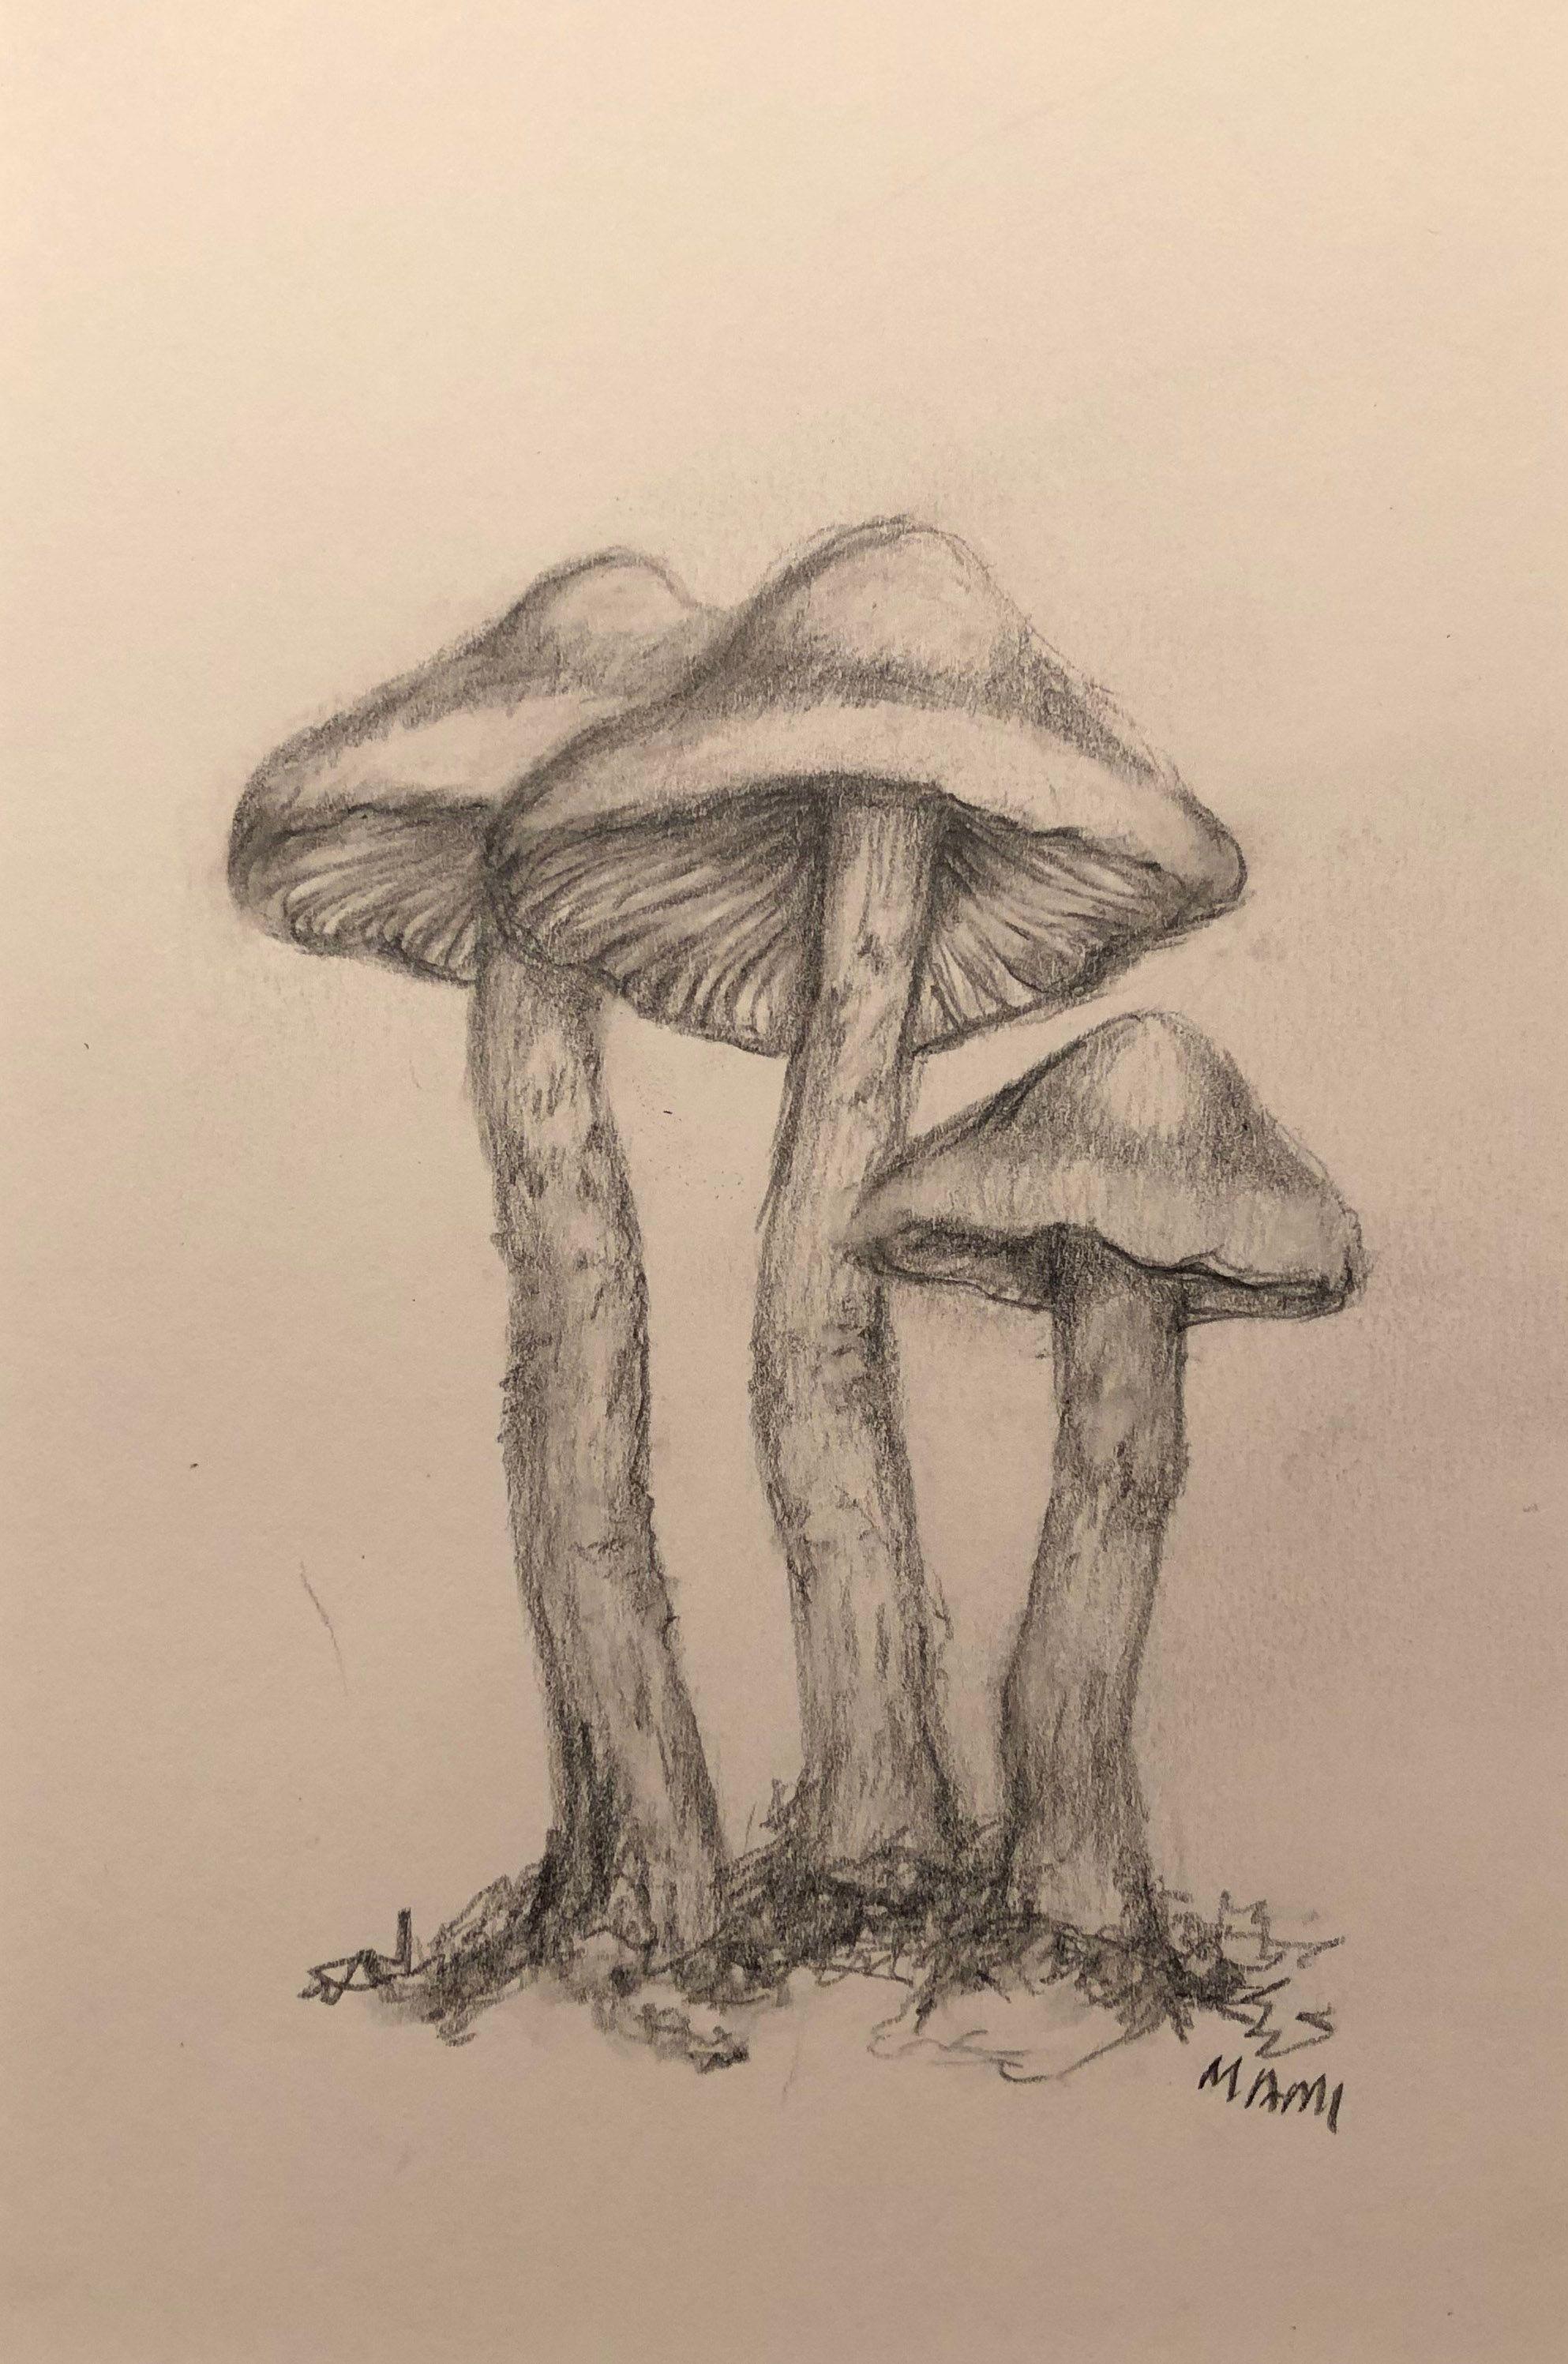 Basiadoesart mushroommaddness pencildrawings mushroom drawing the creator pencil drawings stuffed